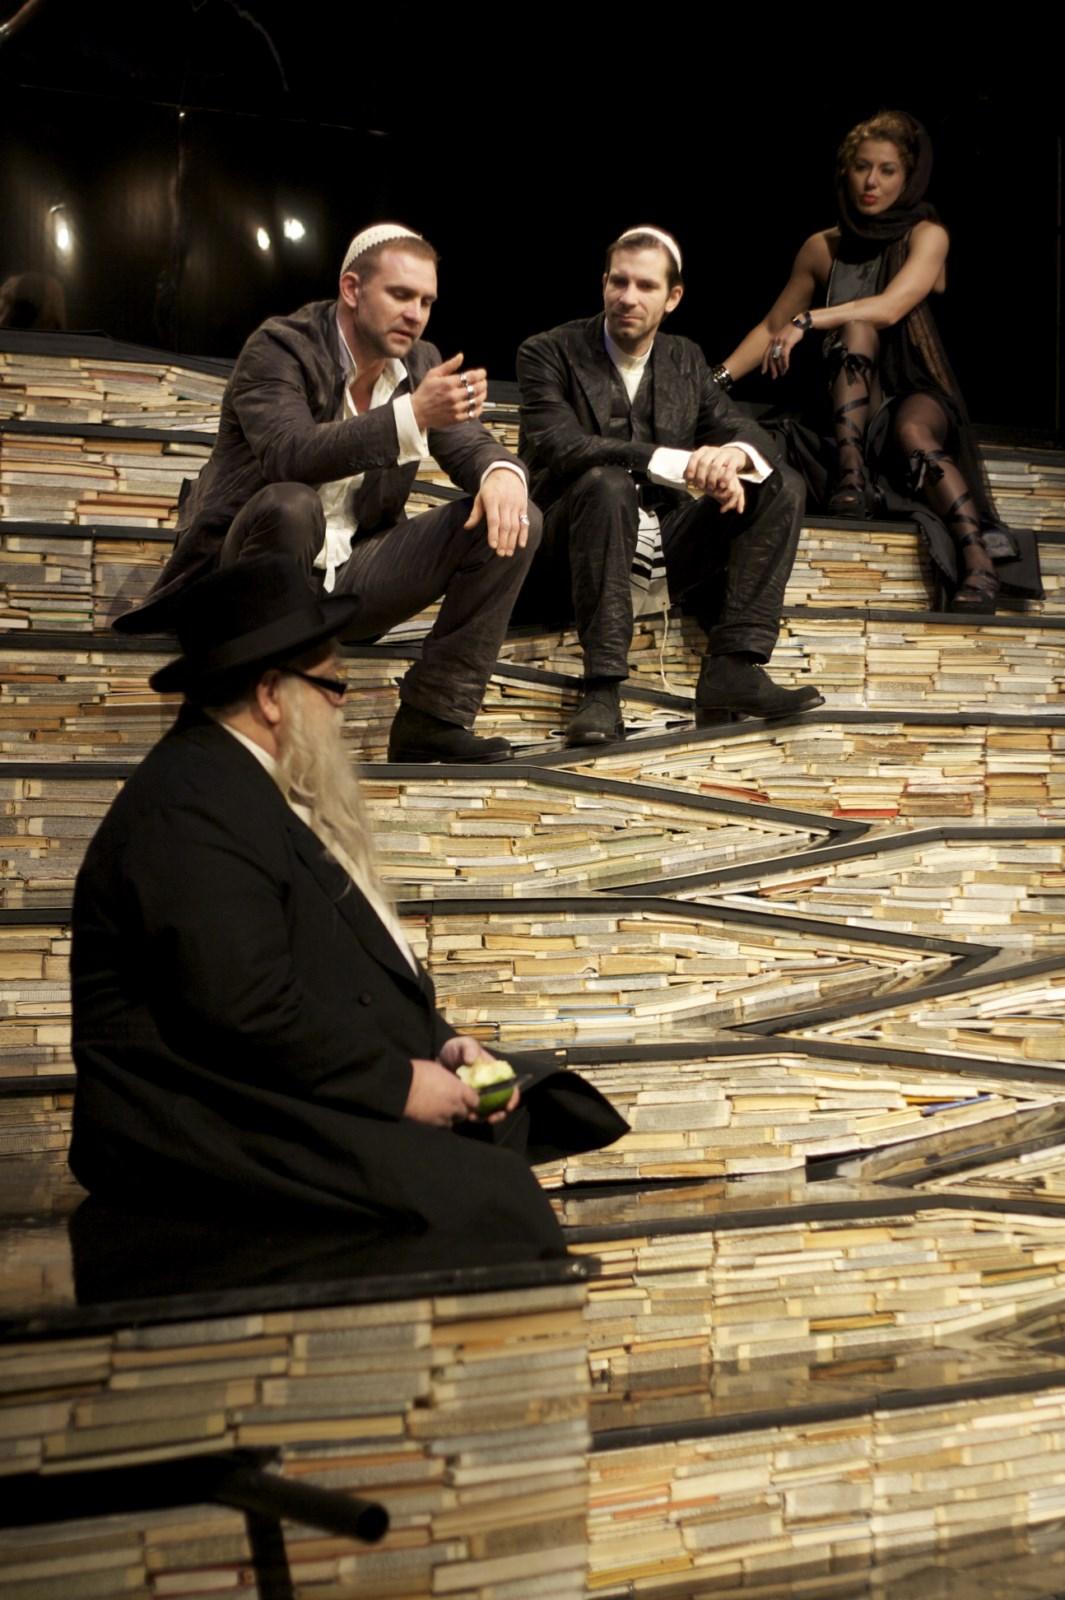 Pavol Országh Hviezdoslav: Herodes aHerodias, 2009, réžia Roman Polák Dušan Tarageľ, Tomáš Maštalír, Ondrej Kovaľ, Gabriela Dzuríková.